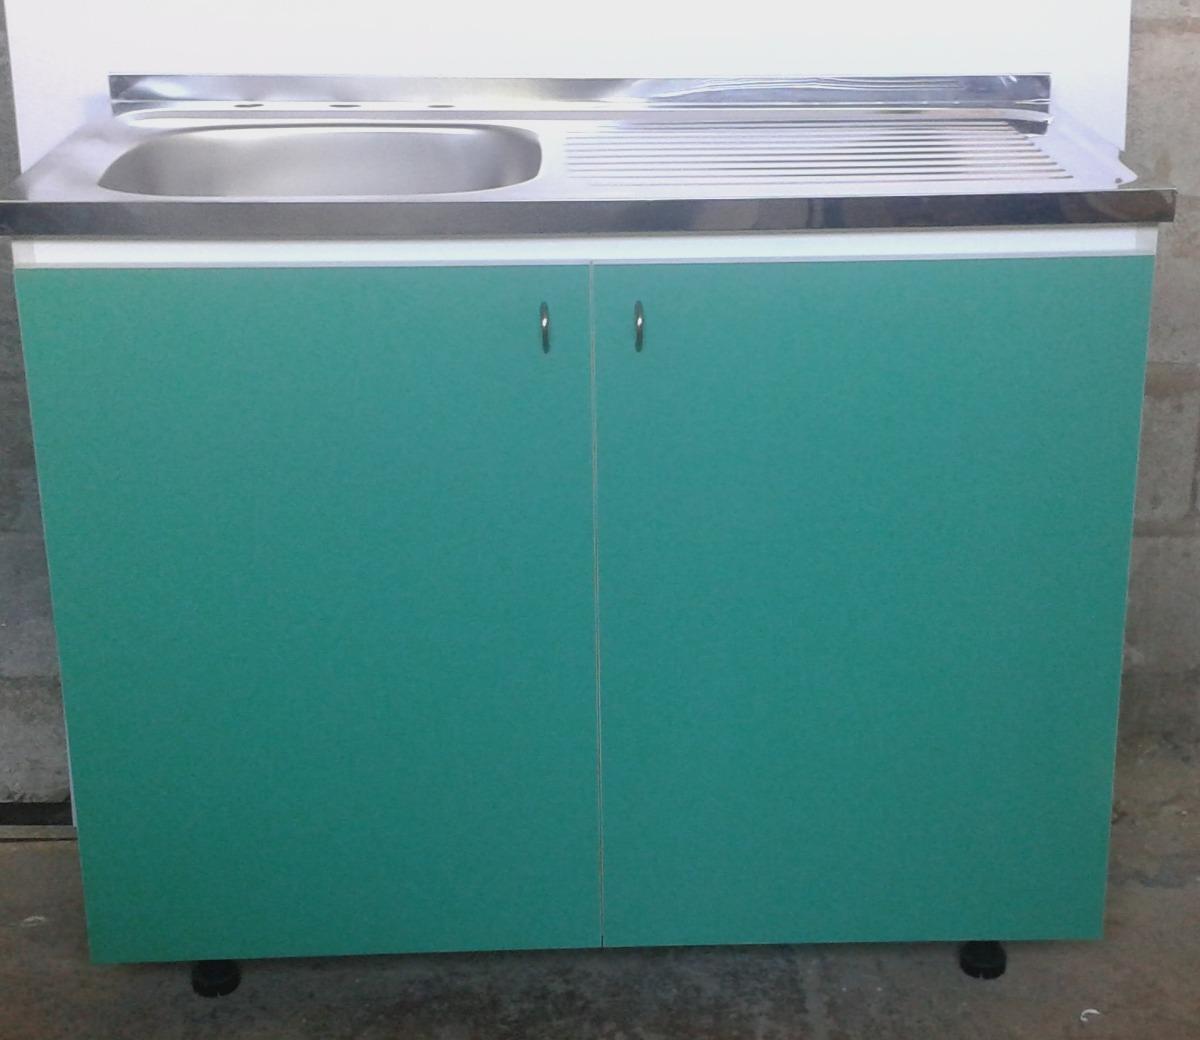 Juego de muebles para cocina de 1 metro oferta bs 10 for Muebles de cocina 2 metros